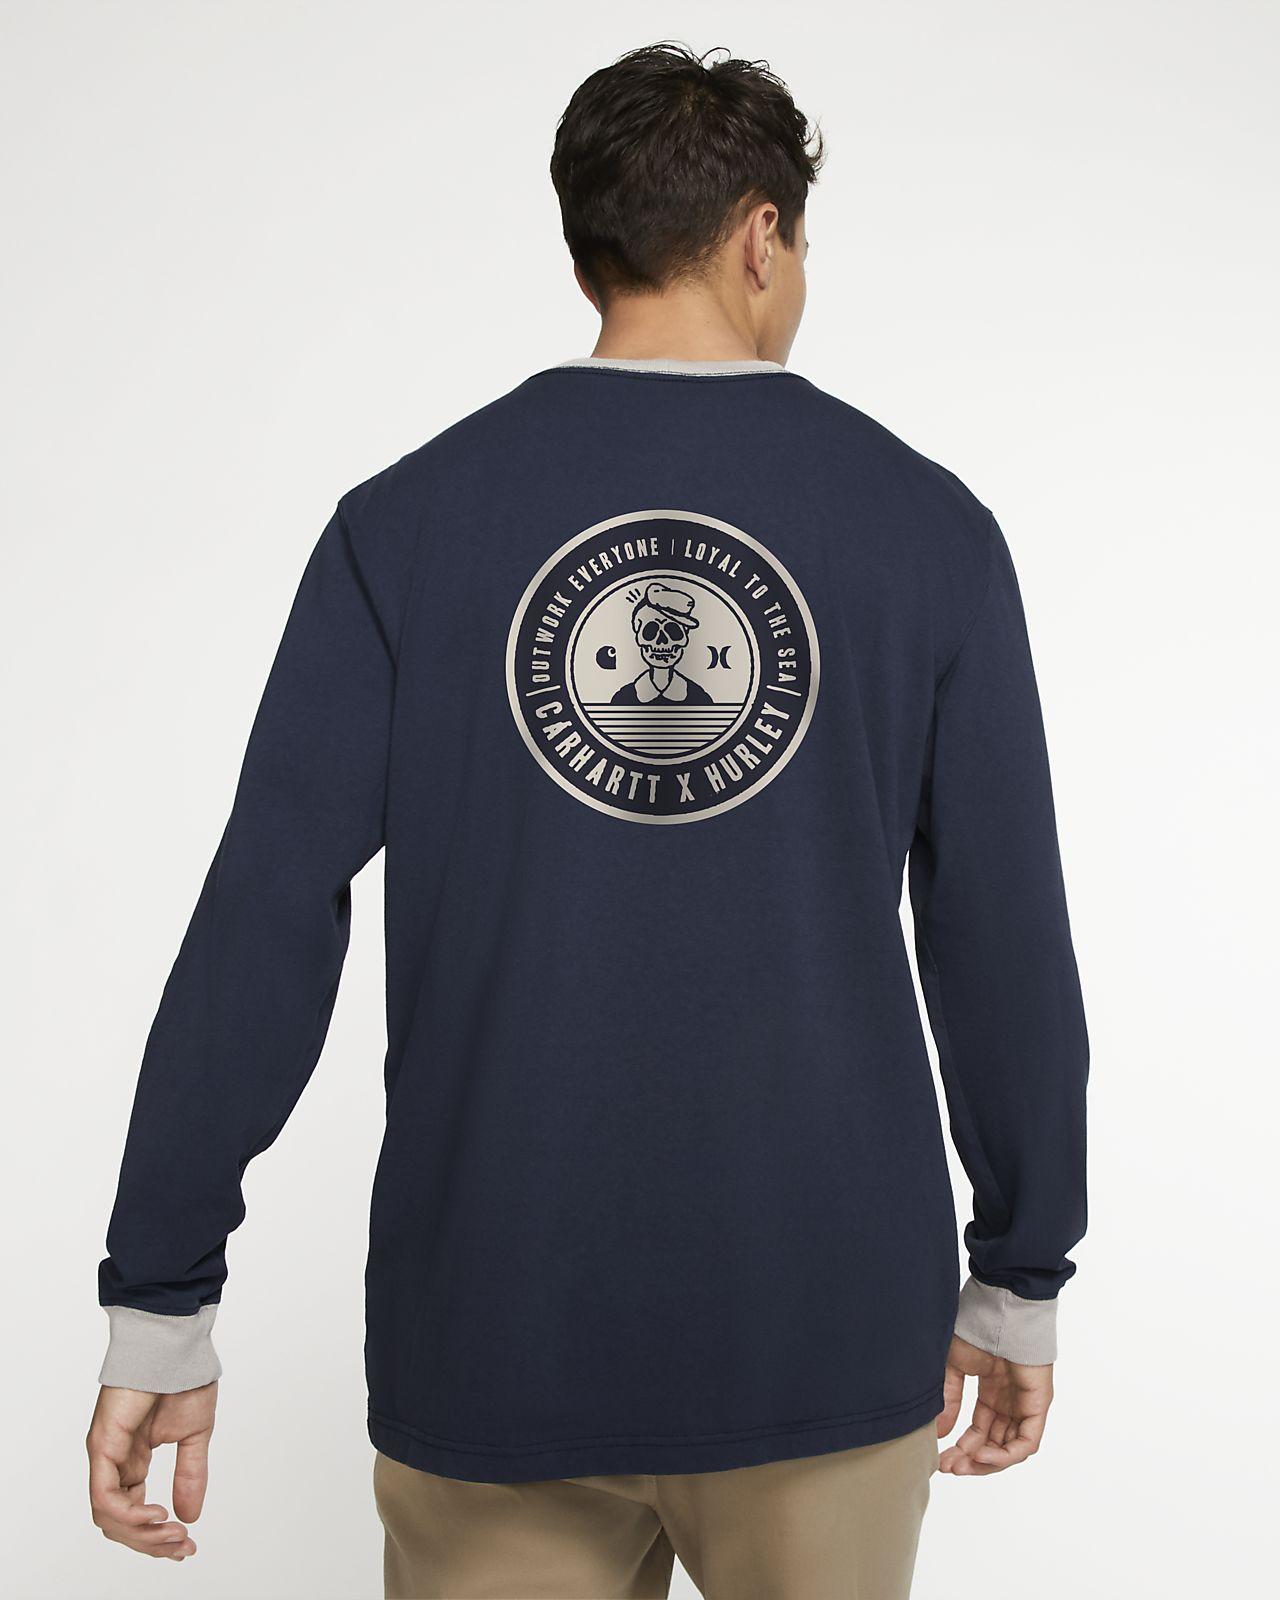 Hurley x Carhartt Ringer Uzun Kollu Erkek Tişörtü